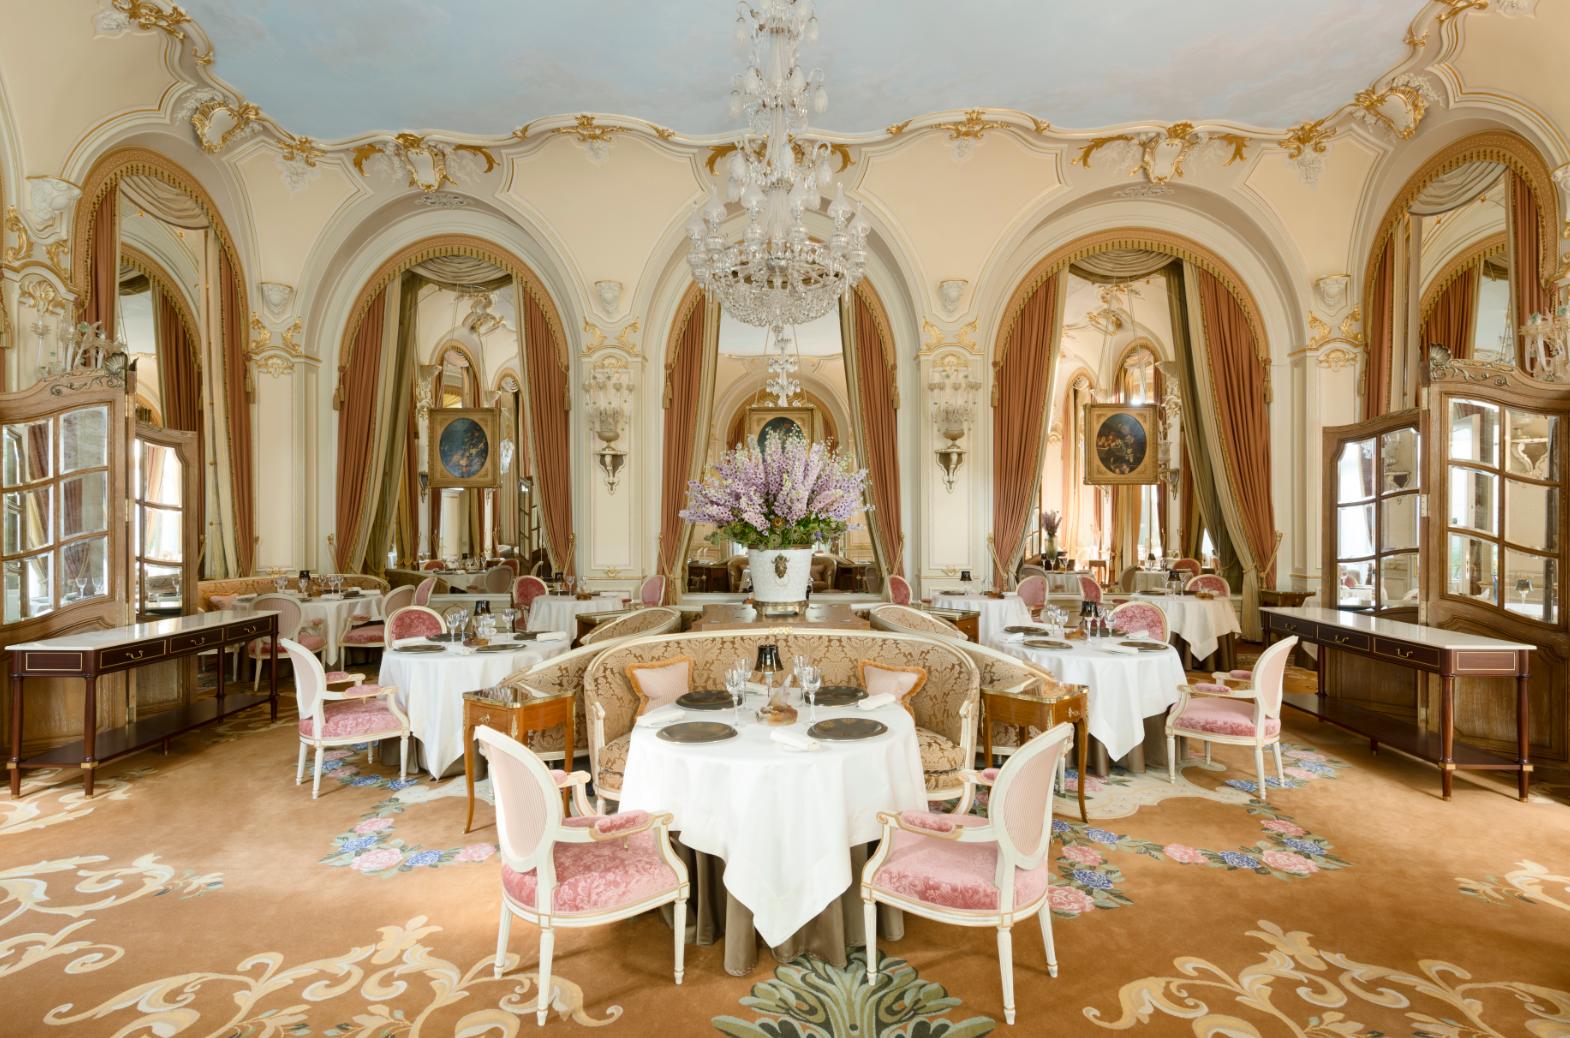 В меню вечернего ресторана L'Espadon нет комплиментов отшефа и преддесертов.  «Люди выбирают разные блюда, акомплименты имприносят одни итеже, вэтом нет никакого смысла»,— говорит шеф-повар Николя Саль.